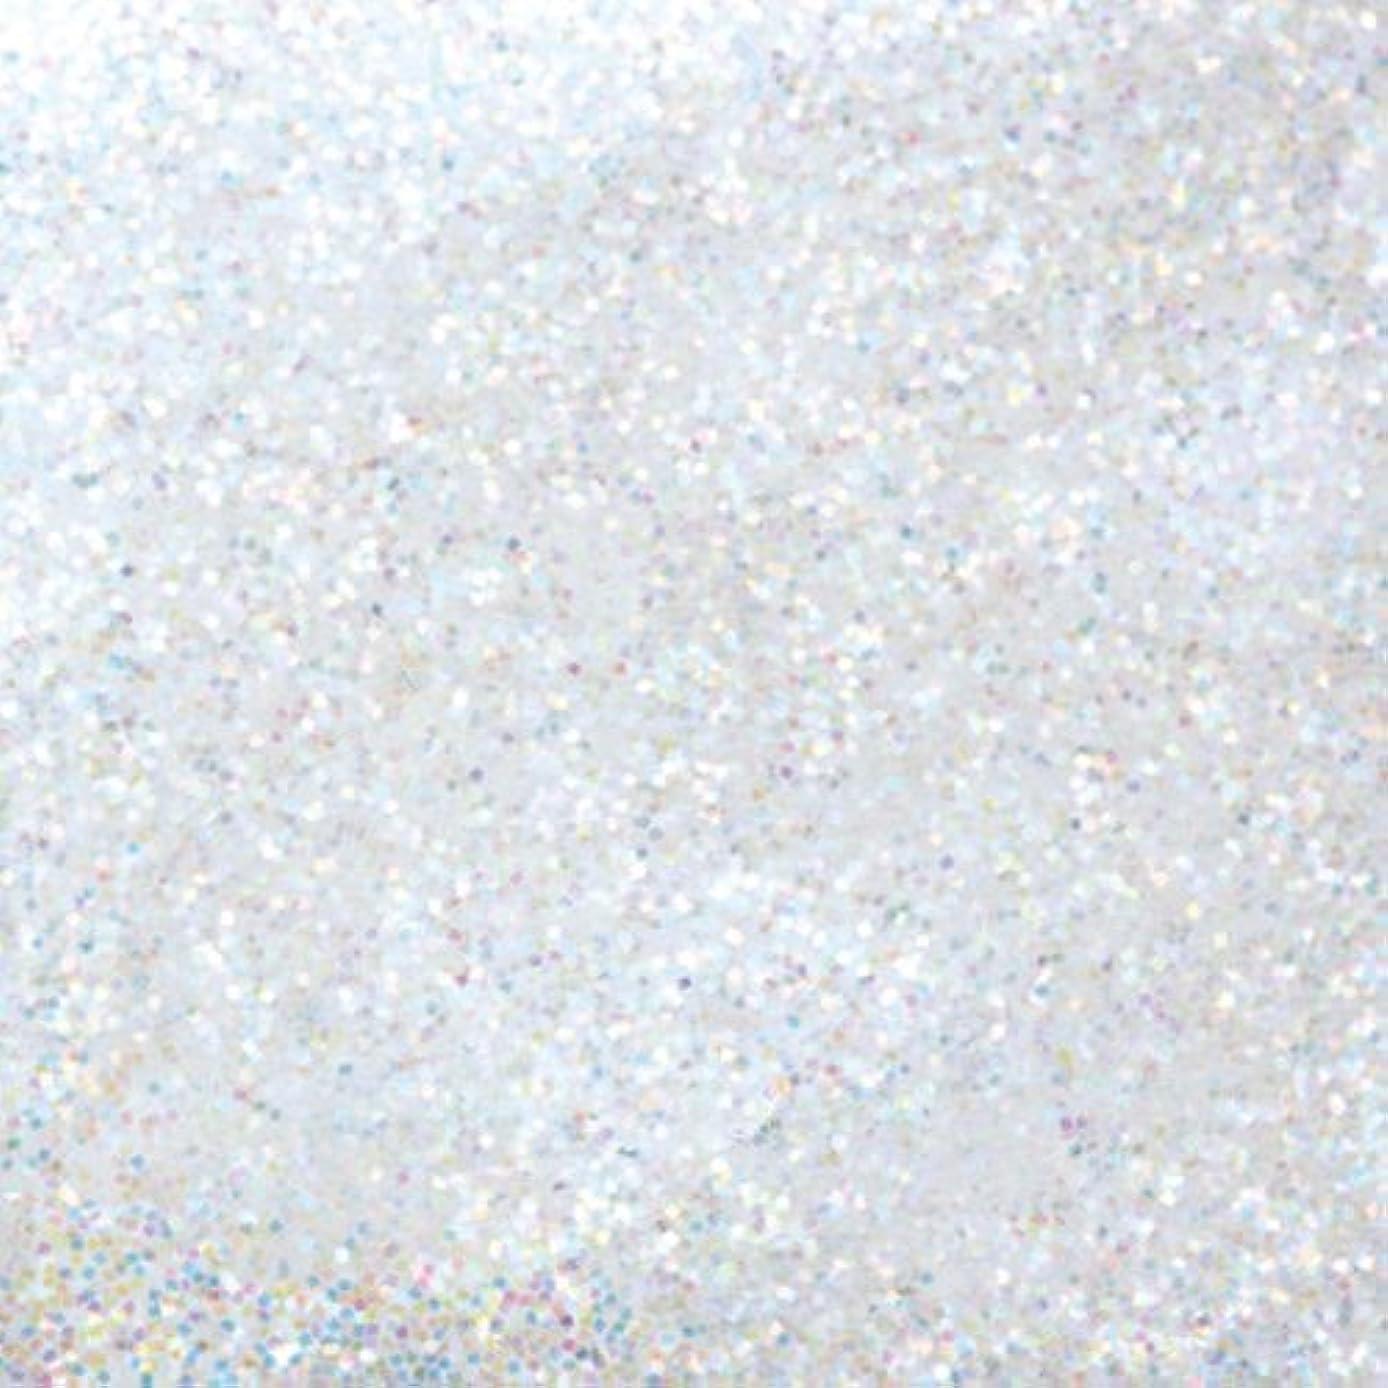 薄いですに対して殺すピカエース ネイル用パウダー ピカエース ラメカラーレインボー S #400 ホワイト 0.7g アート材